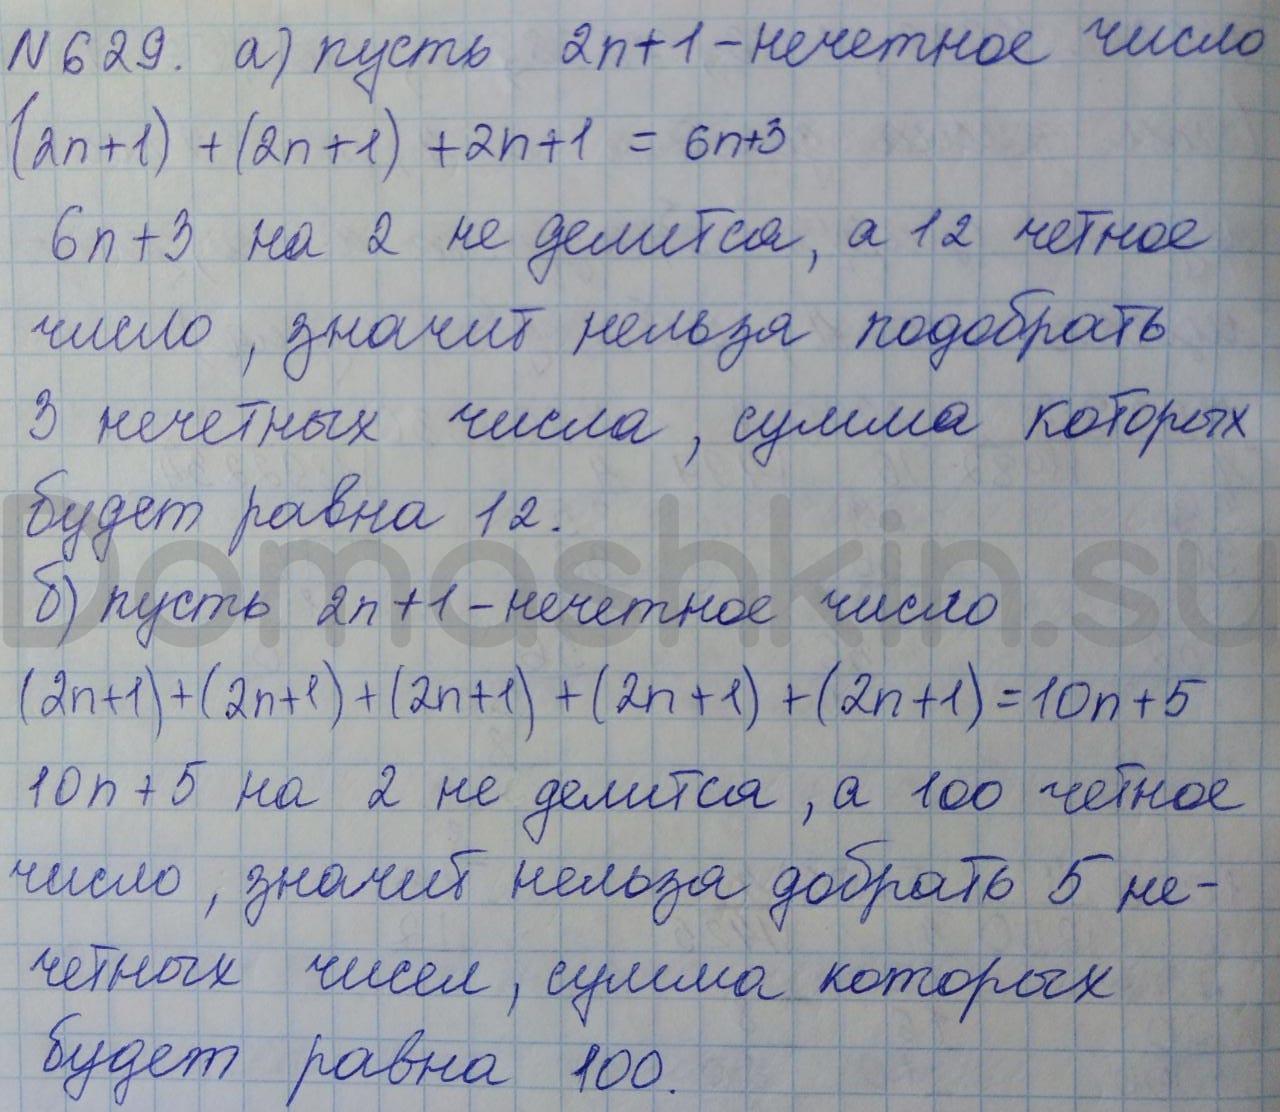 Математика 5 класс учебник Никольский номер 629 решение